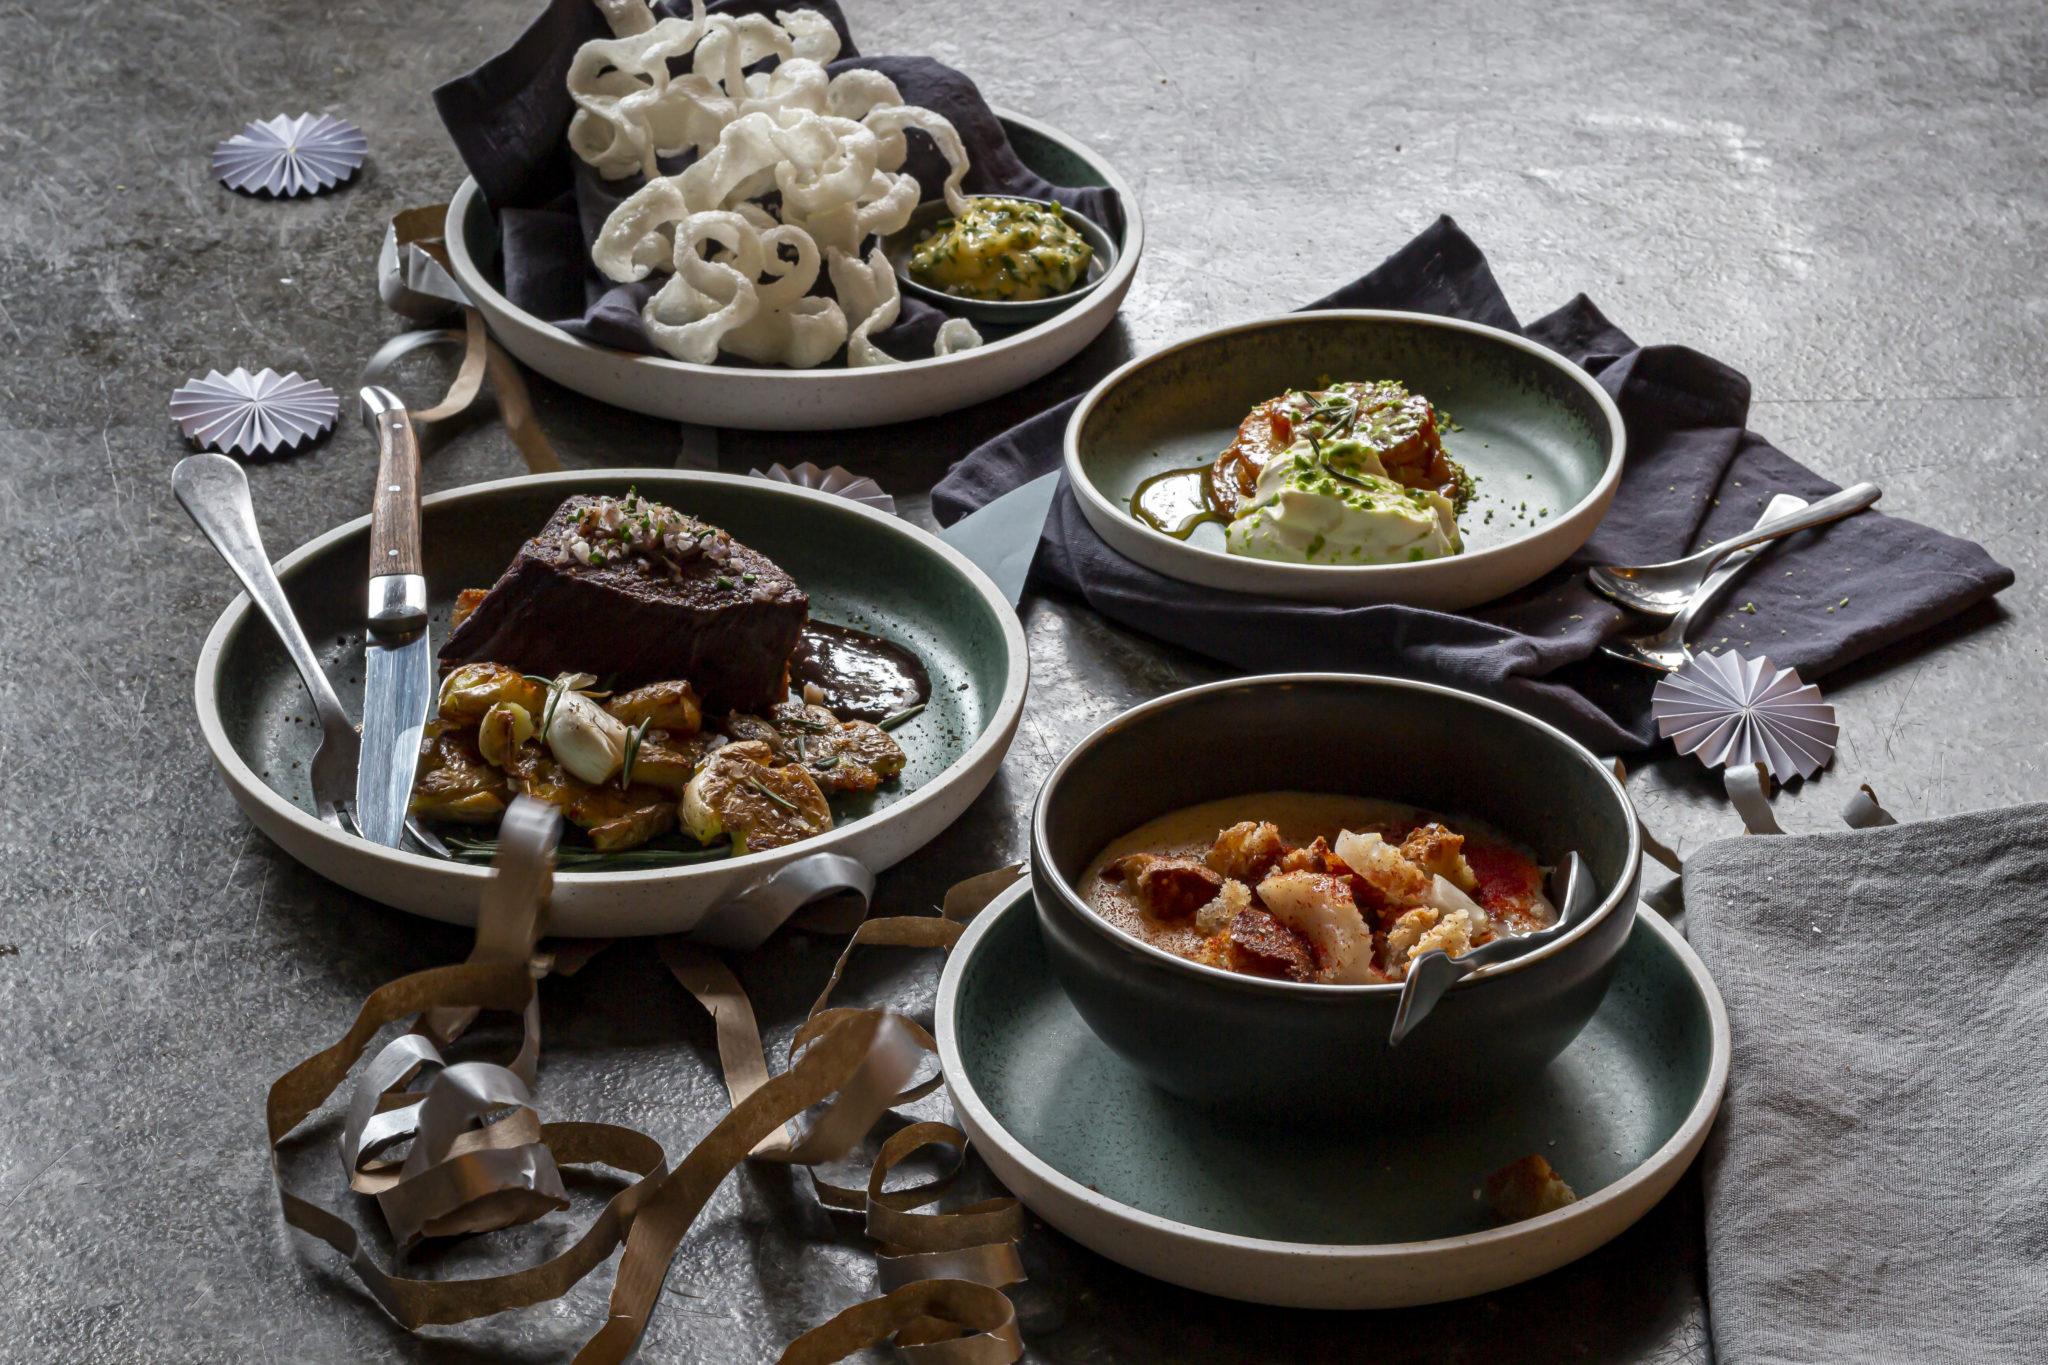 Timm Vladimirs Køkken lokker med lækker nytårsmenu